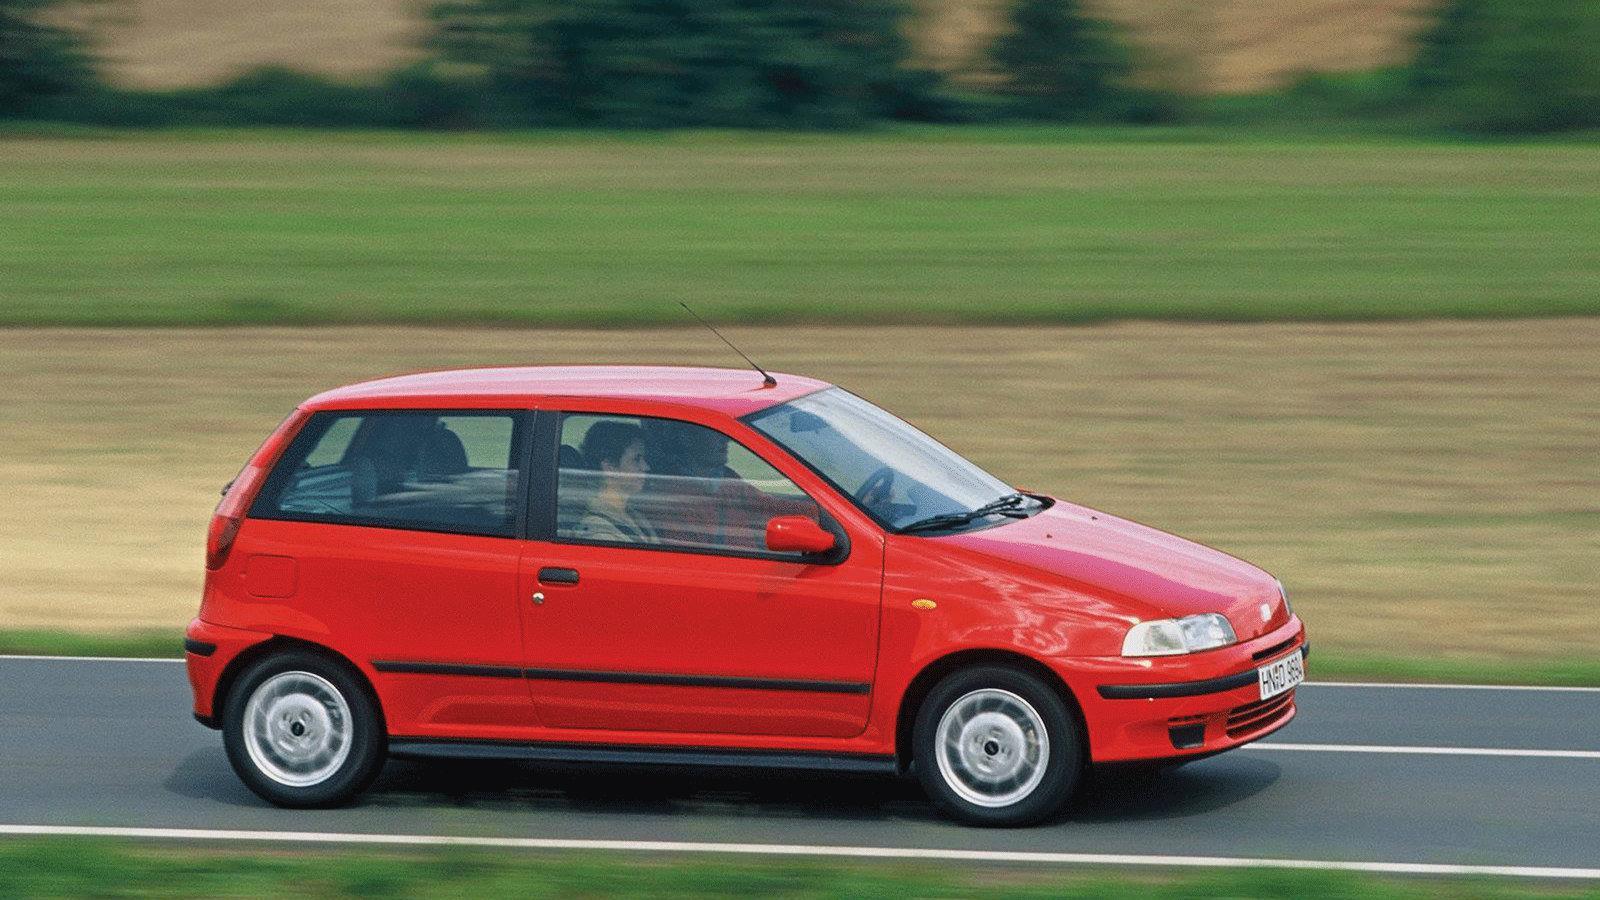 Το ηλεκτρικό μέλλον της Alfa Romeo και η μεγάλη επιστροφή του Fiat Punto στην αγορά!